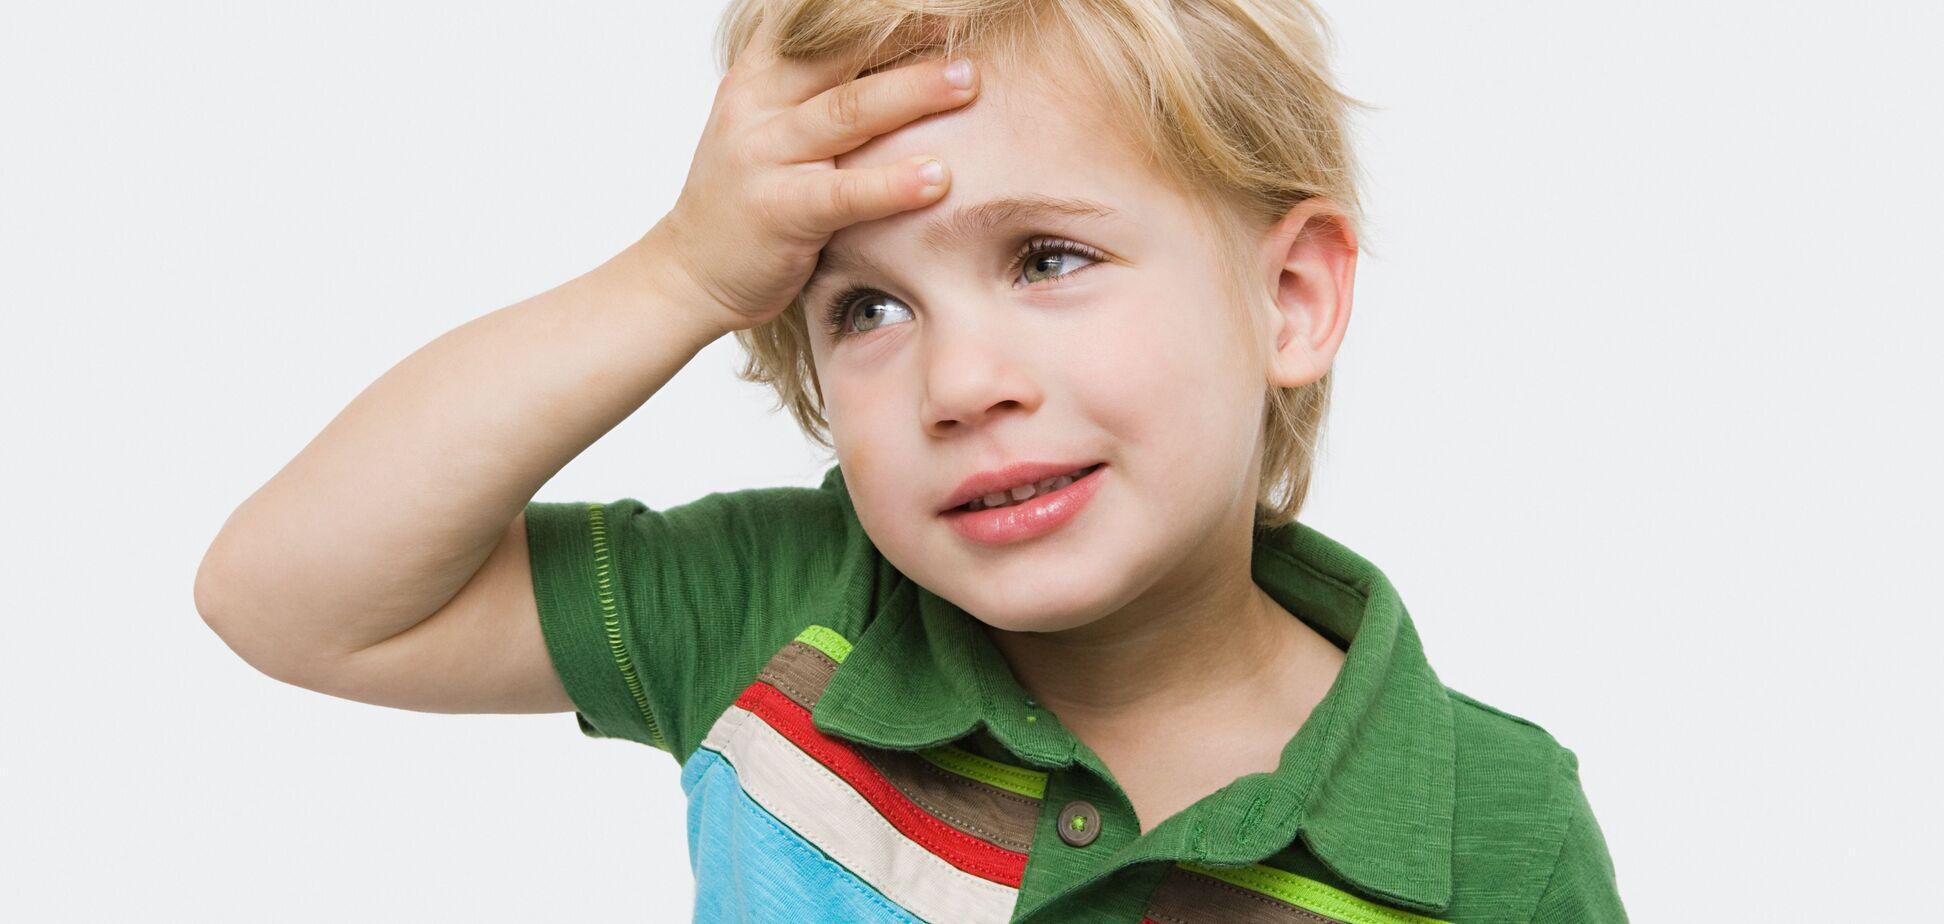 Травма головы у ребенка - что делать?